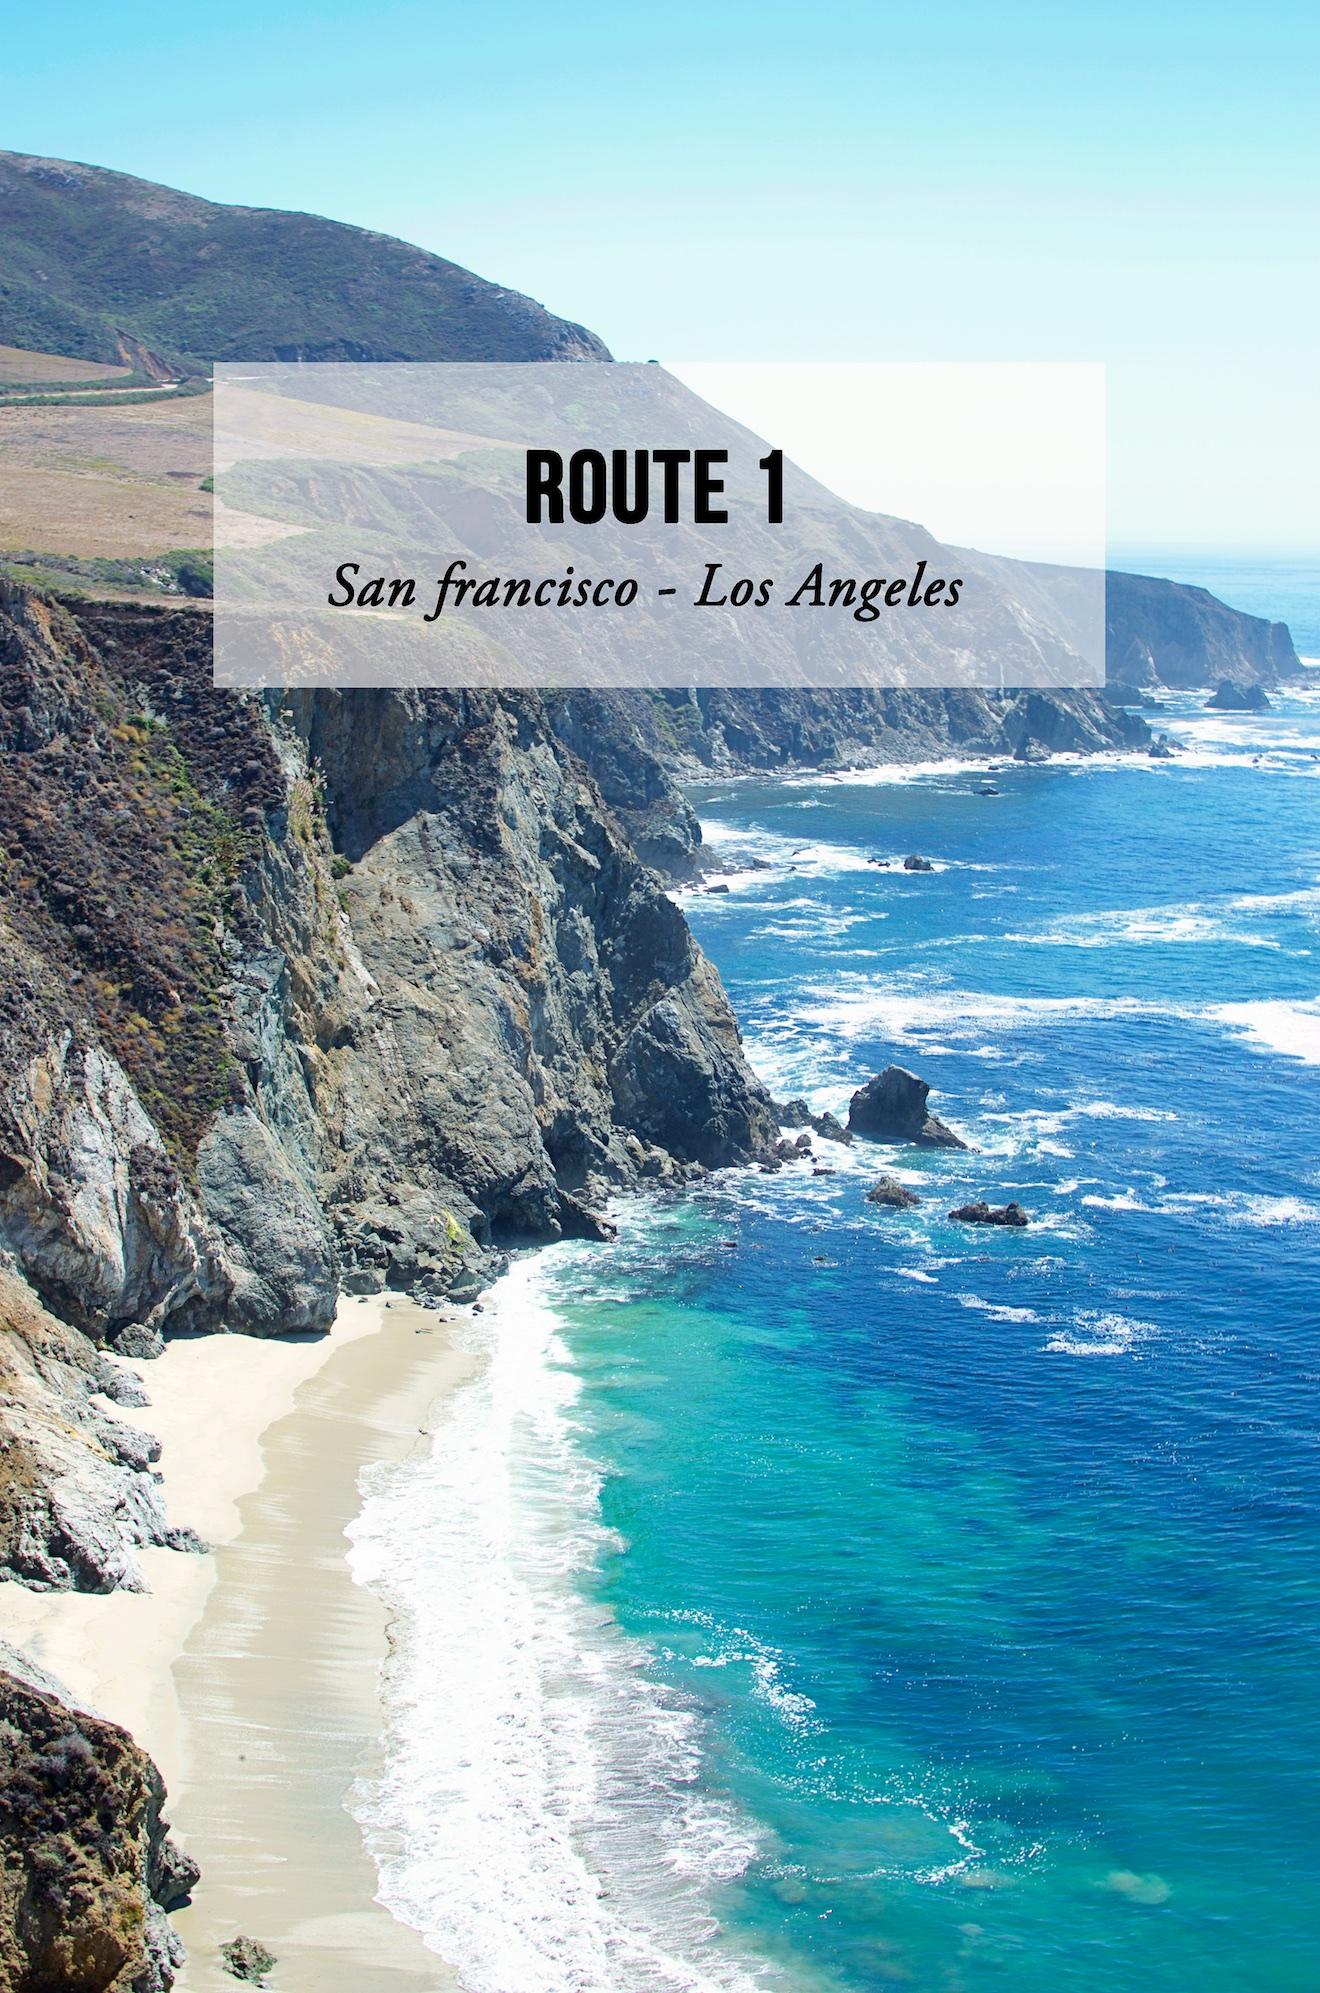 route 1 Amerika reis (25)